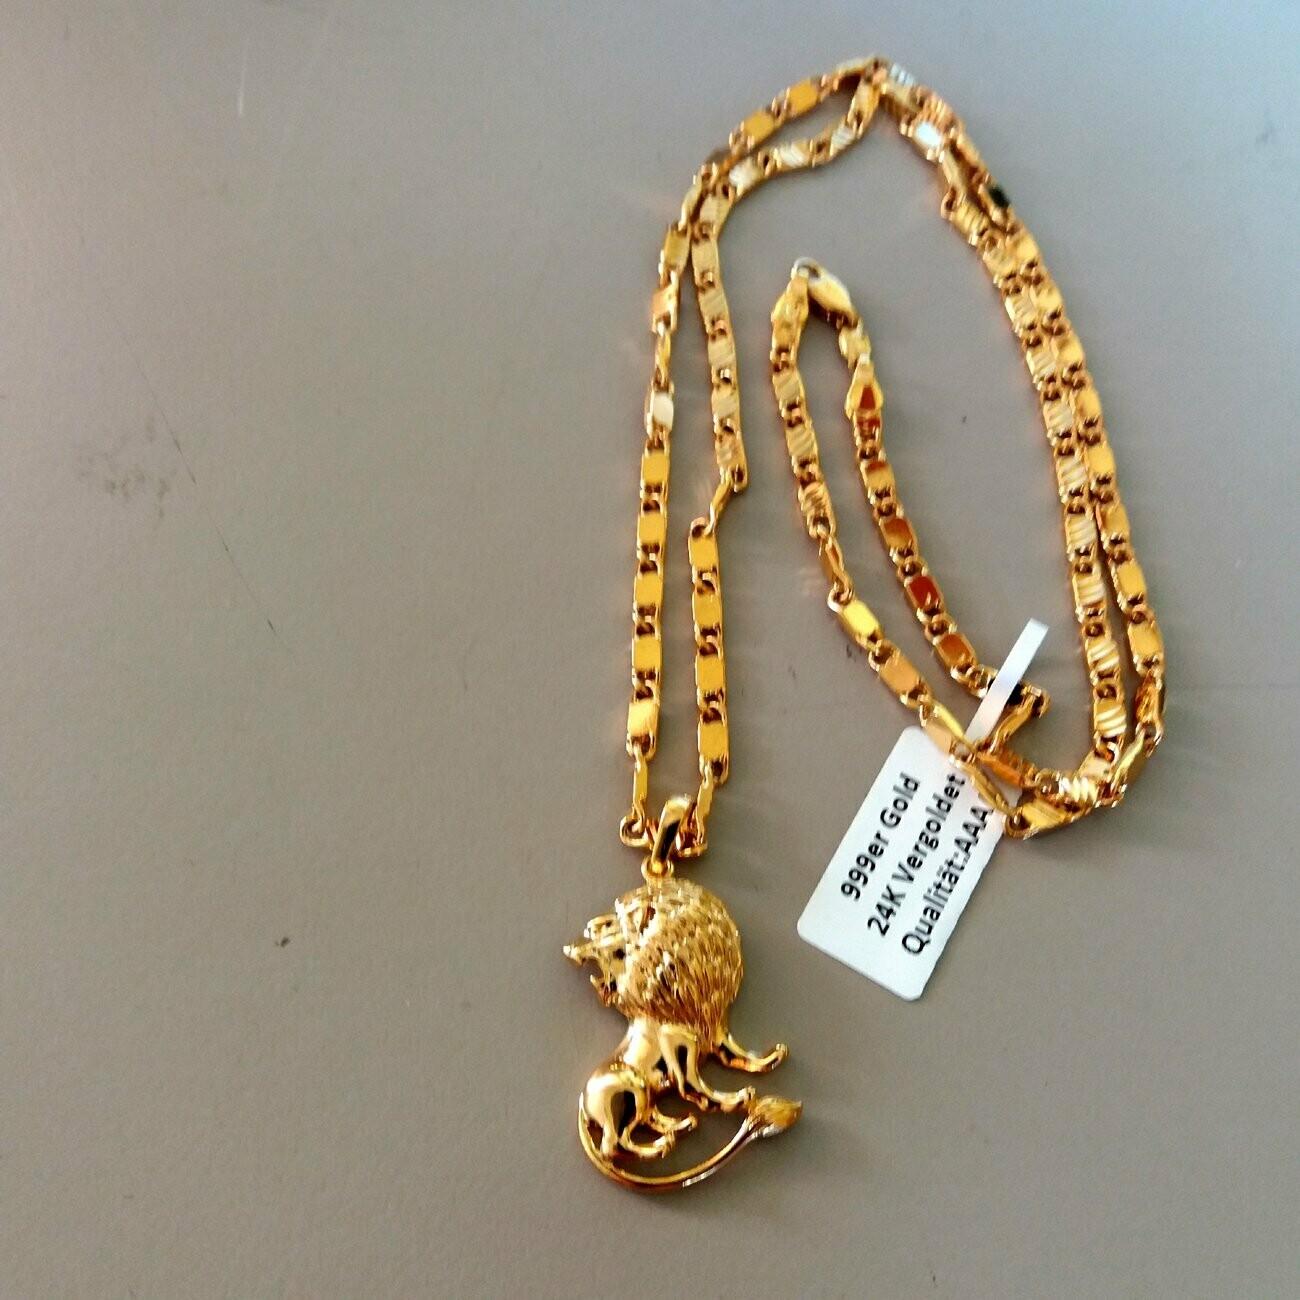 Goldkette mit kleinen Lion Anhänger 24 Karat vergoldet